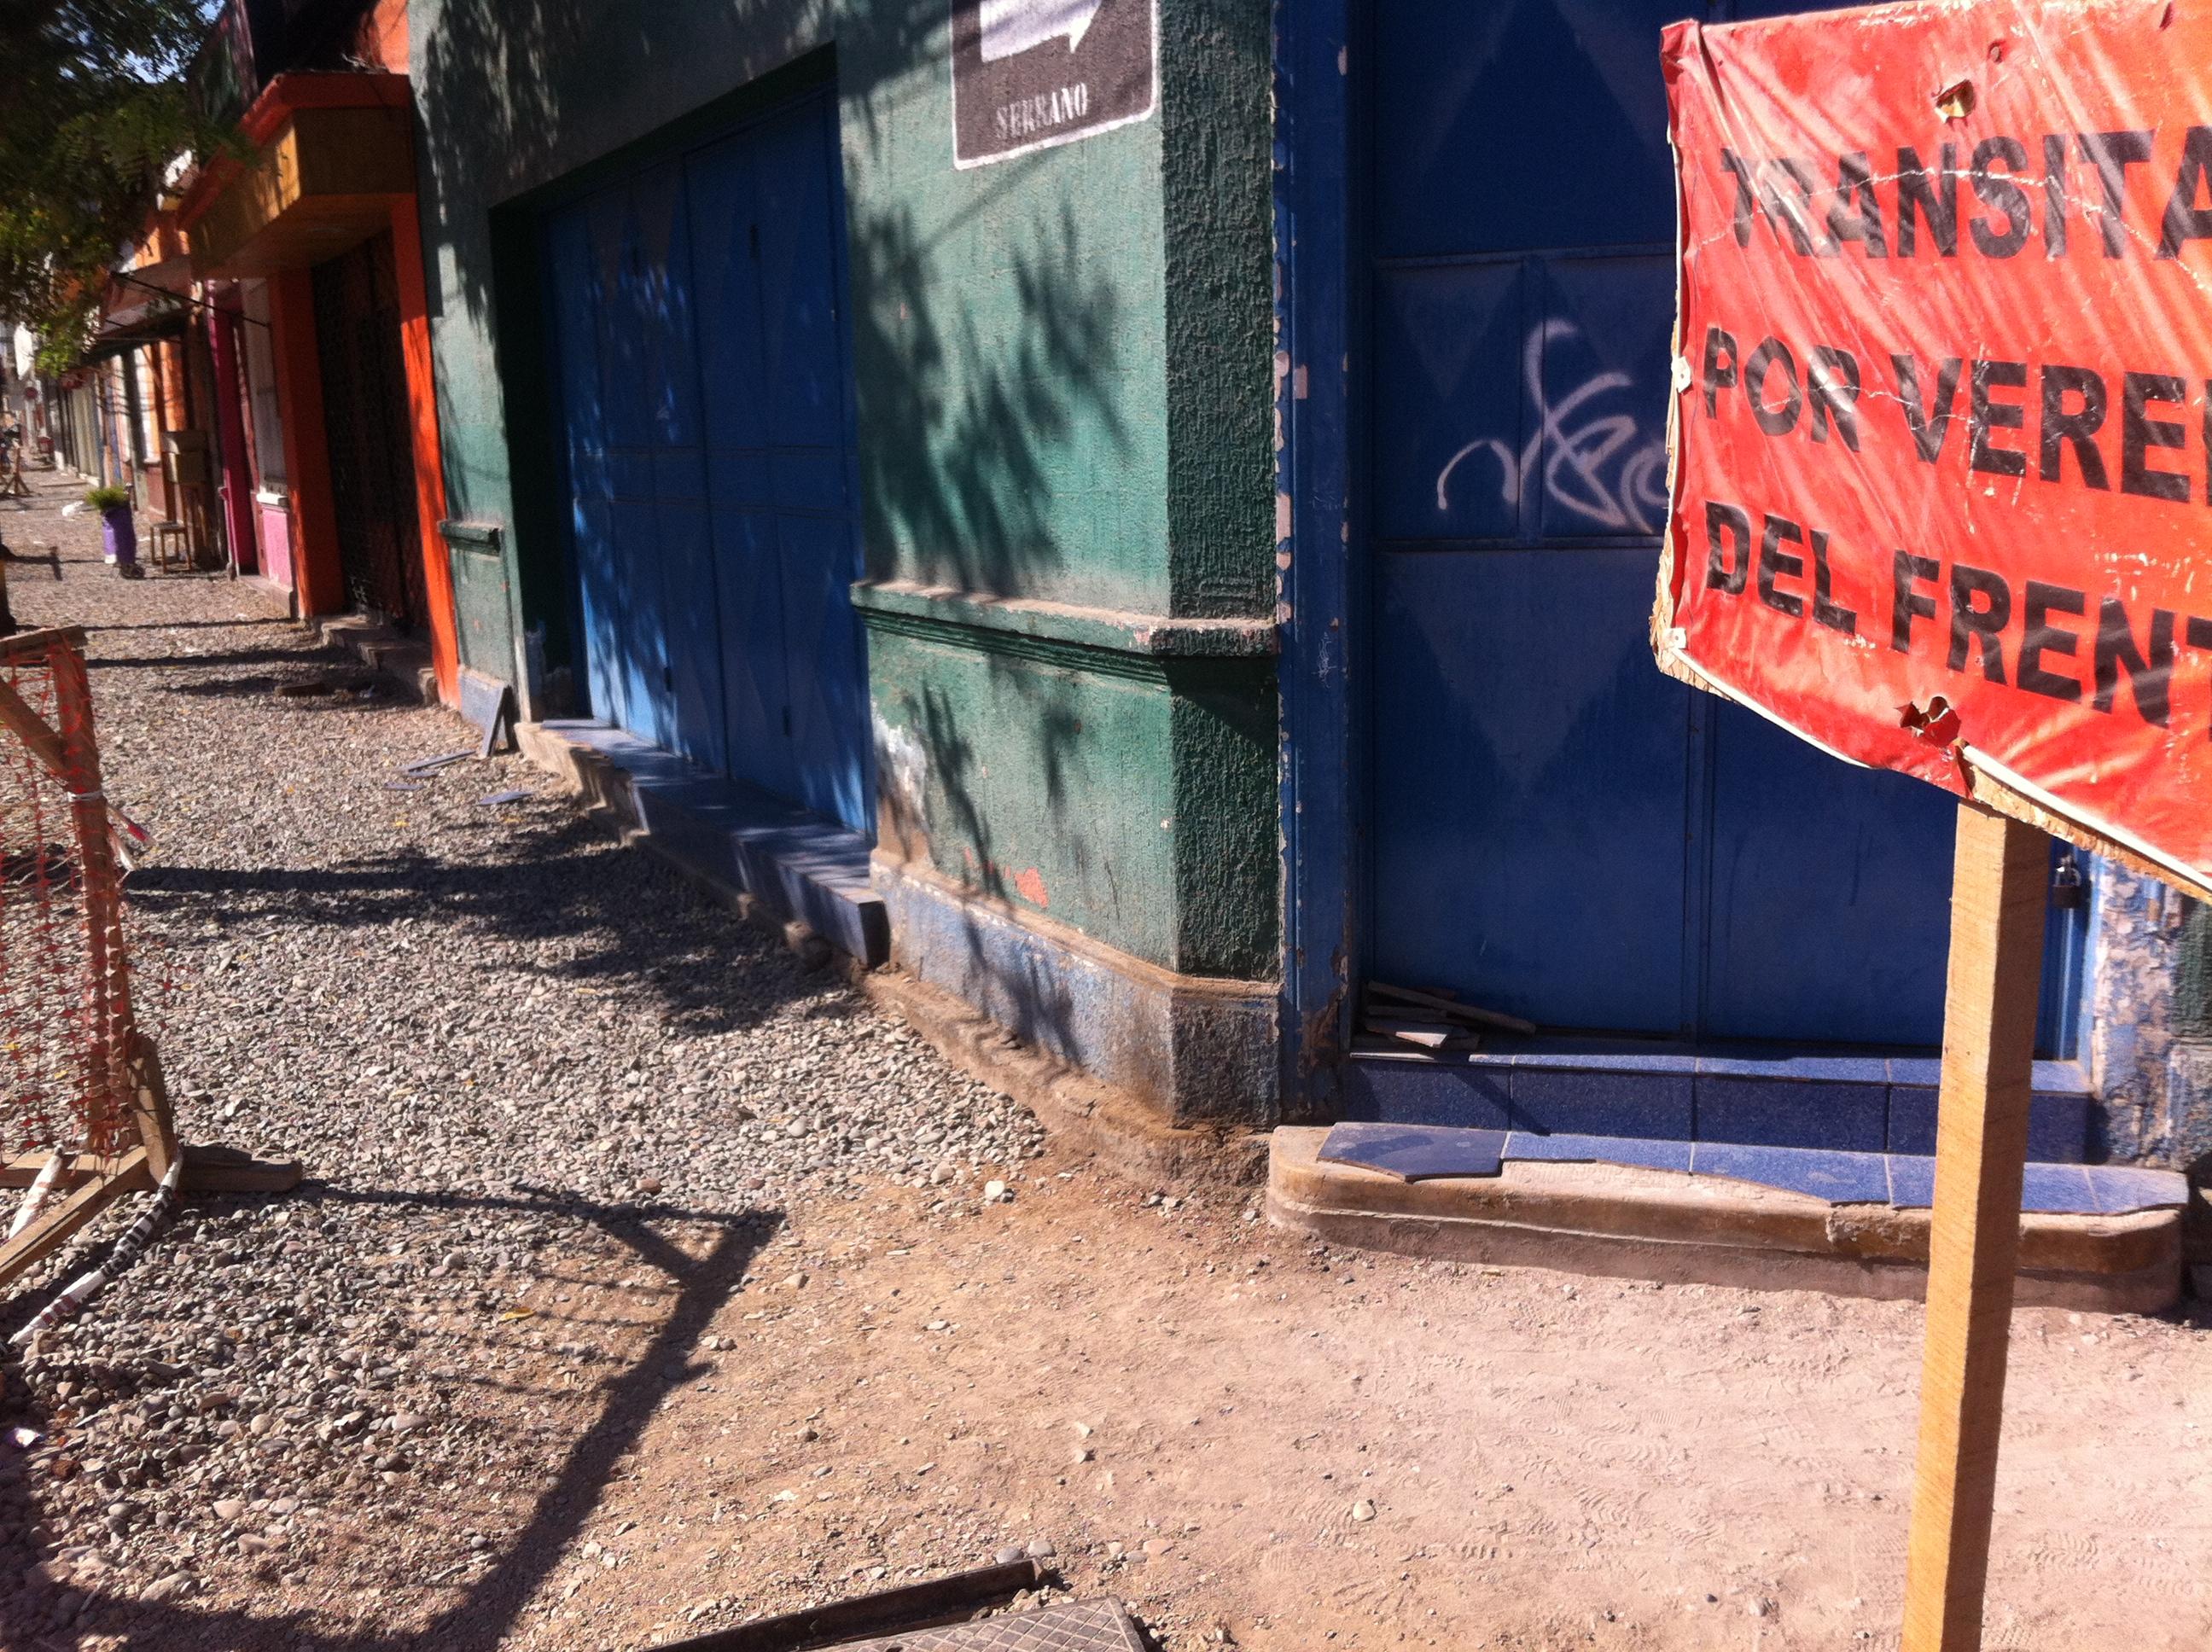 Proyecto de veredas en Vallenar tiene atraso de 66% y solicitarán suplemento para terminar